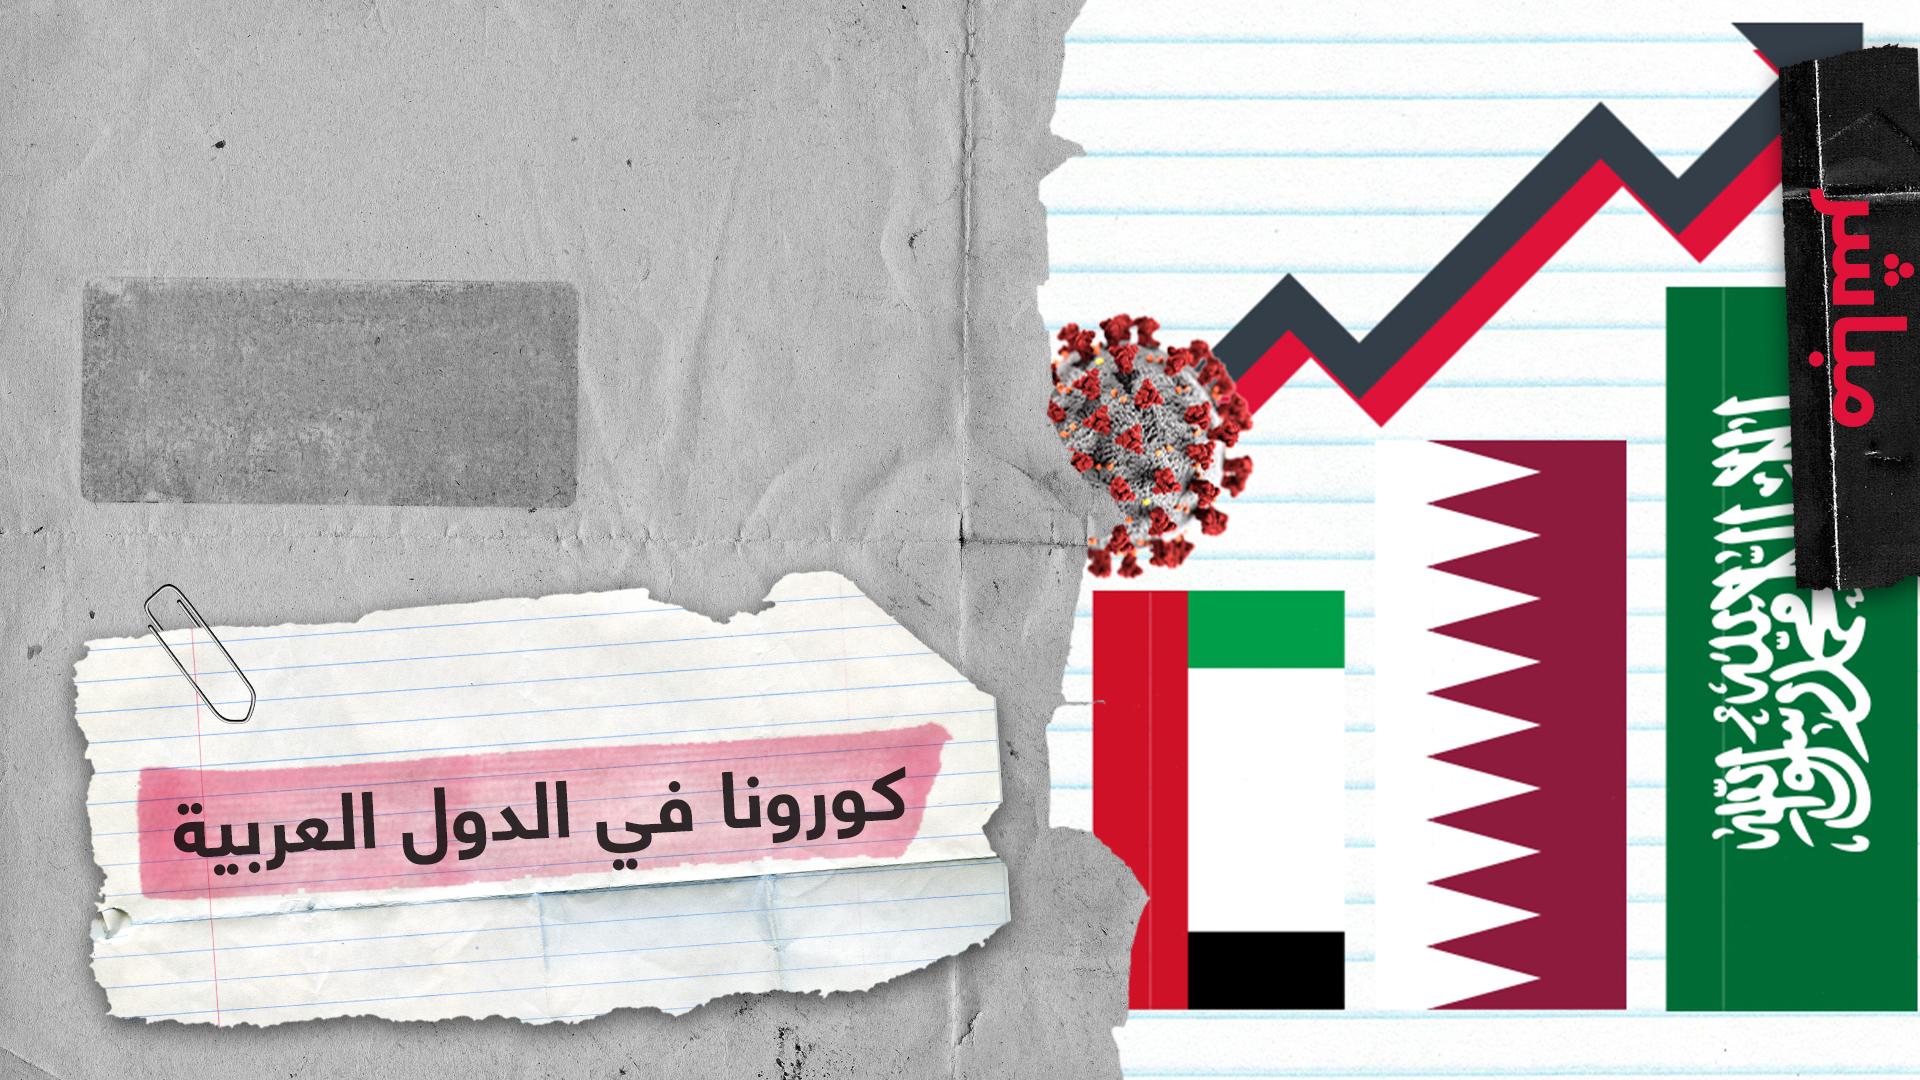 دول عربية تشهد ارتفاعا في معدل الإصابات والوفيات بفيروس كورونا